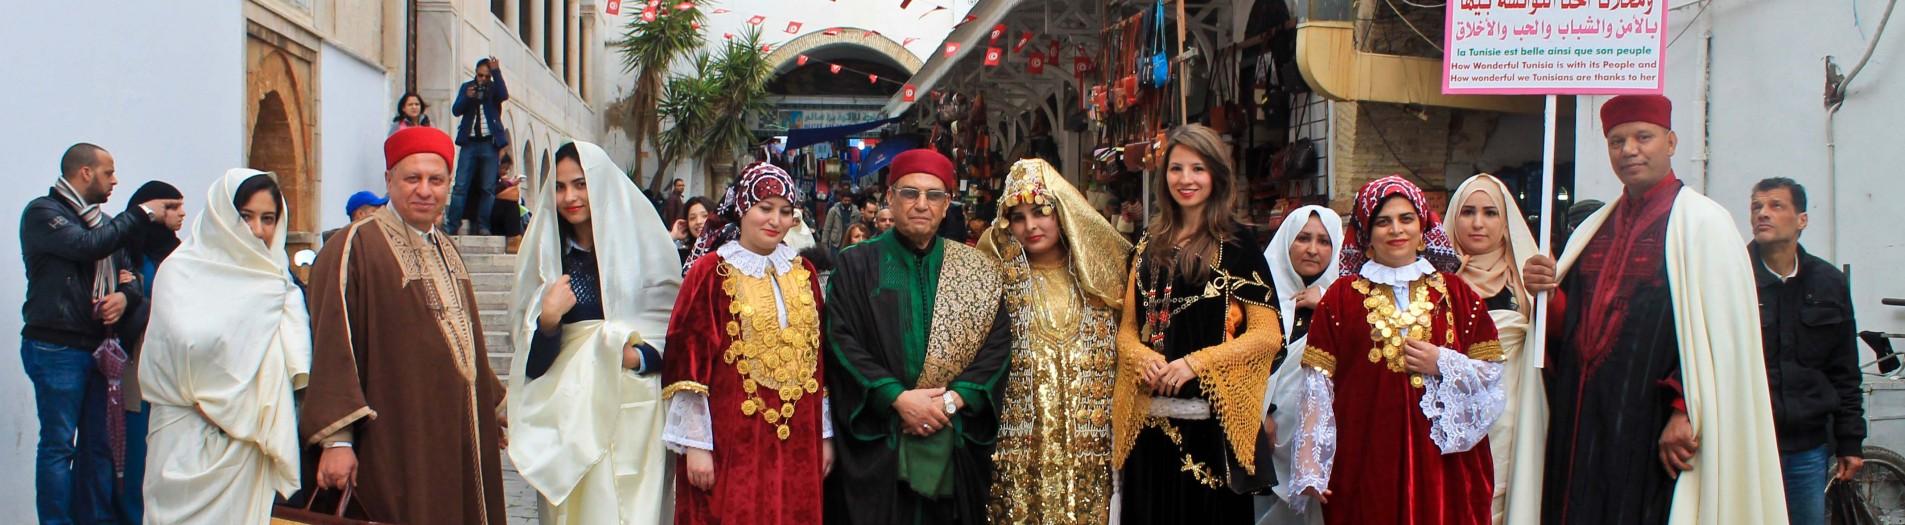 Le costume traditionnel Sfaxien dans la médina de Tunis